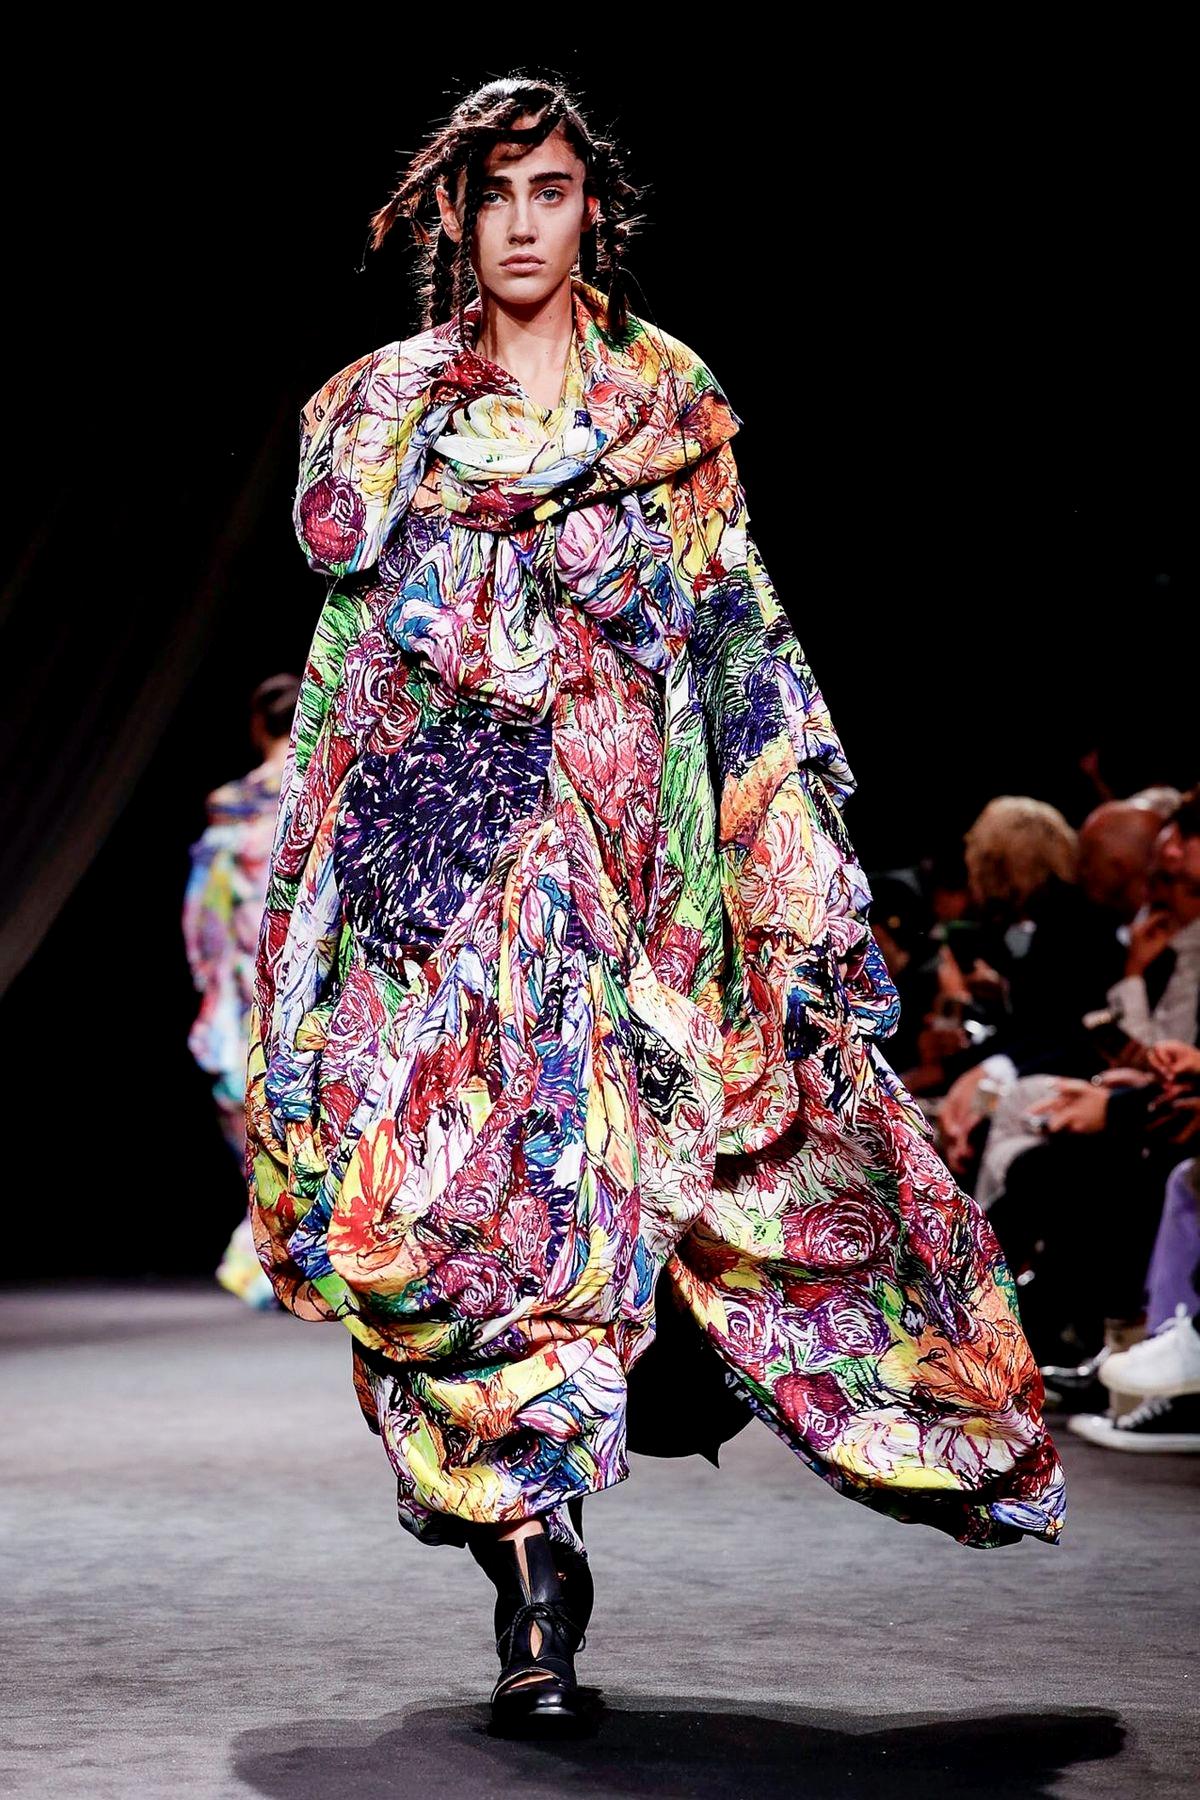 Yohji Yamamoto Spring/Summer 2020 Ready-to-Wear